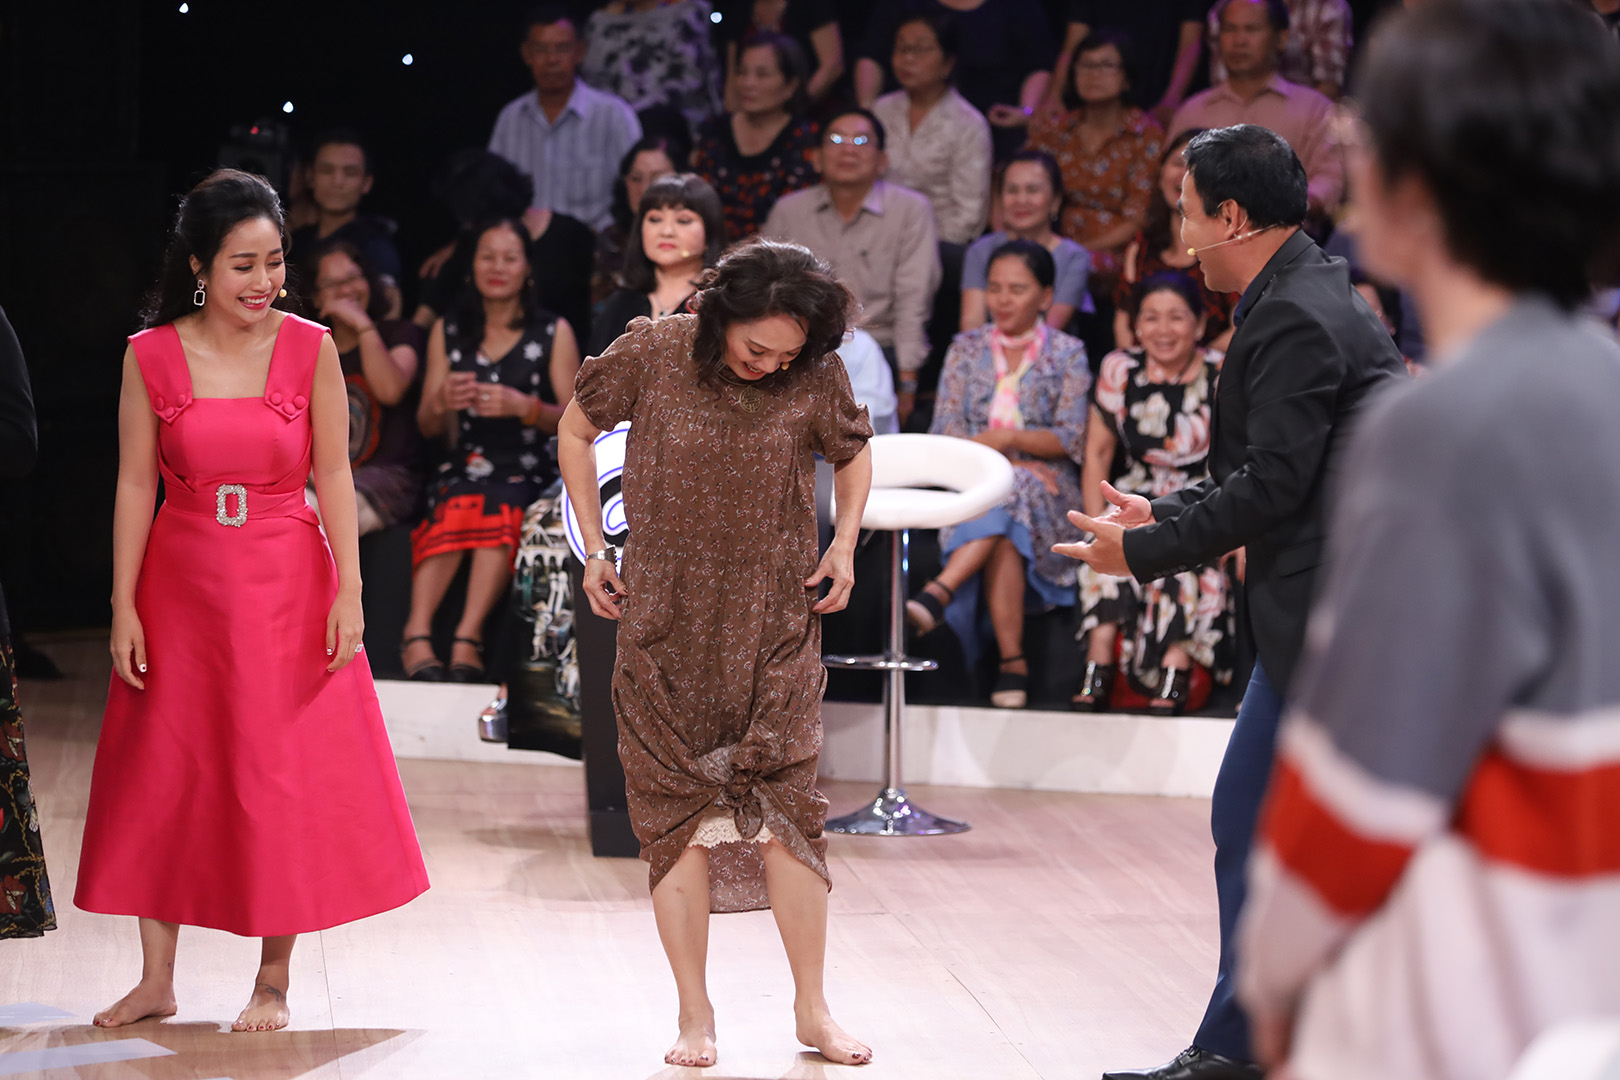 NSND Lê Khanh đọ sức bền, nhảy dây cùng Thanh Duy và Quang Trung